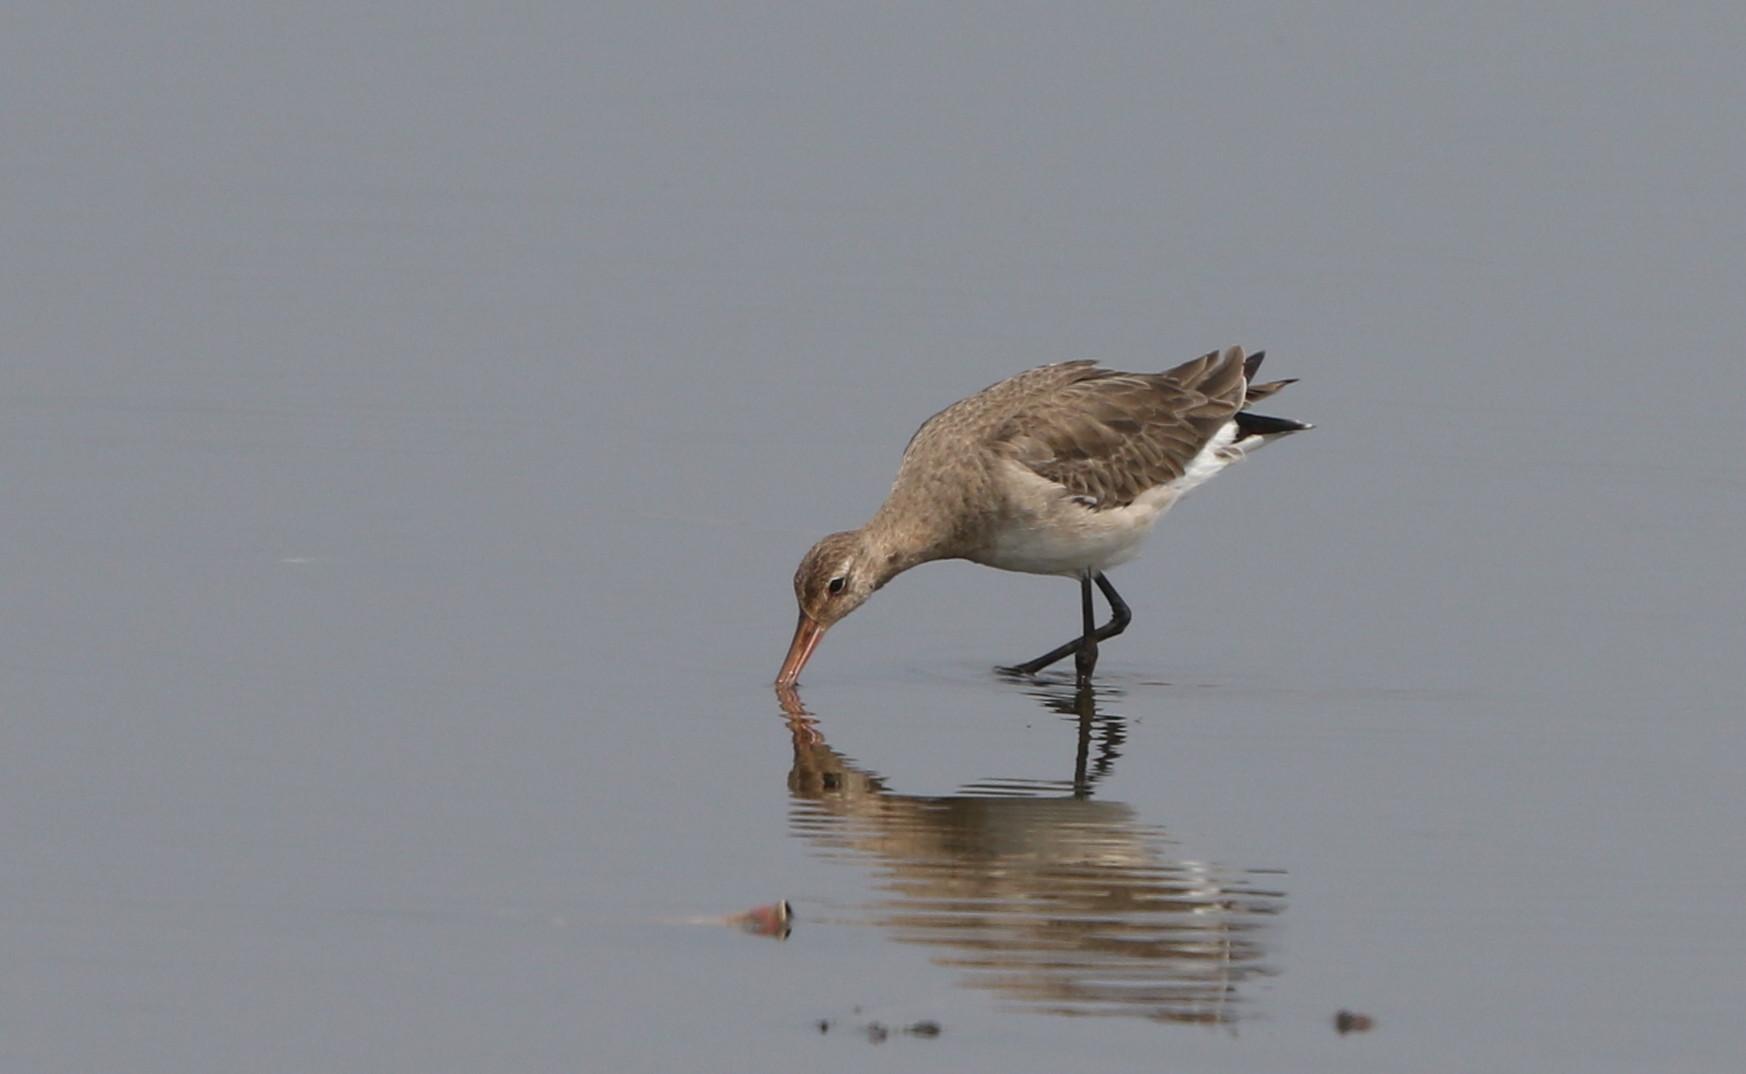 MFの沼でオグロシギを撮る_f0239515_21484256.jpg